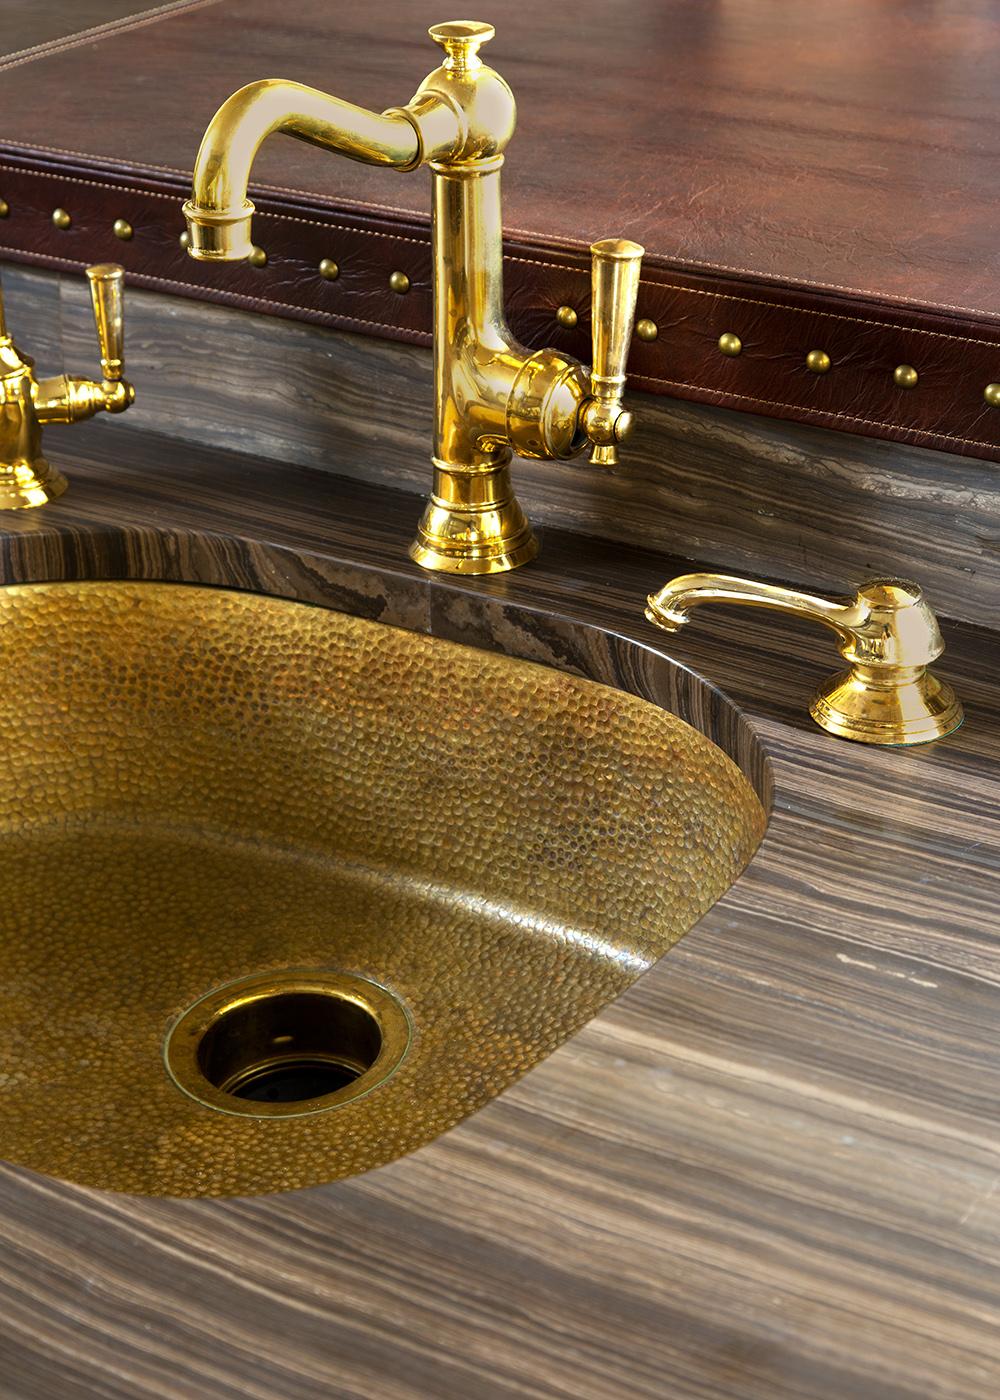 Golden sink, luxury kitchen accessory